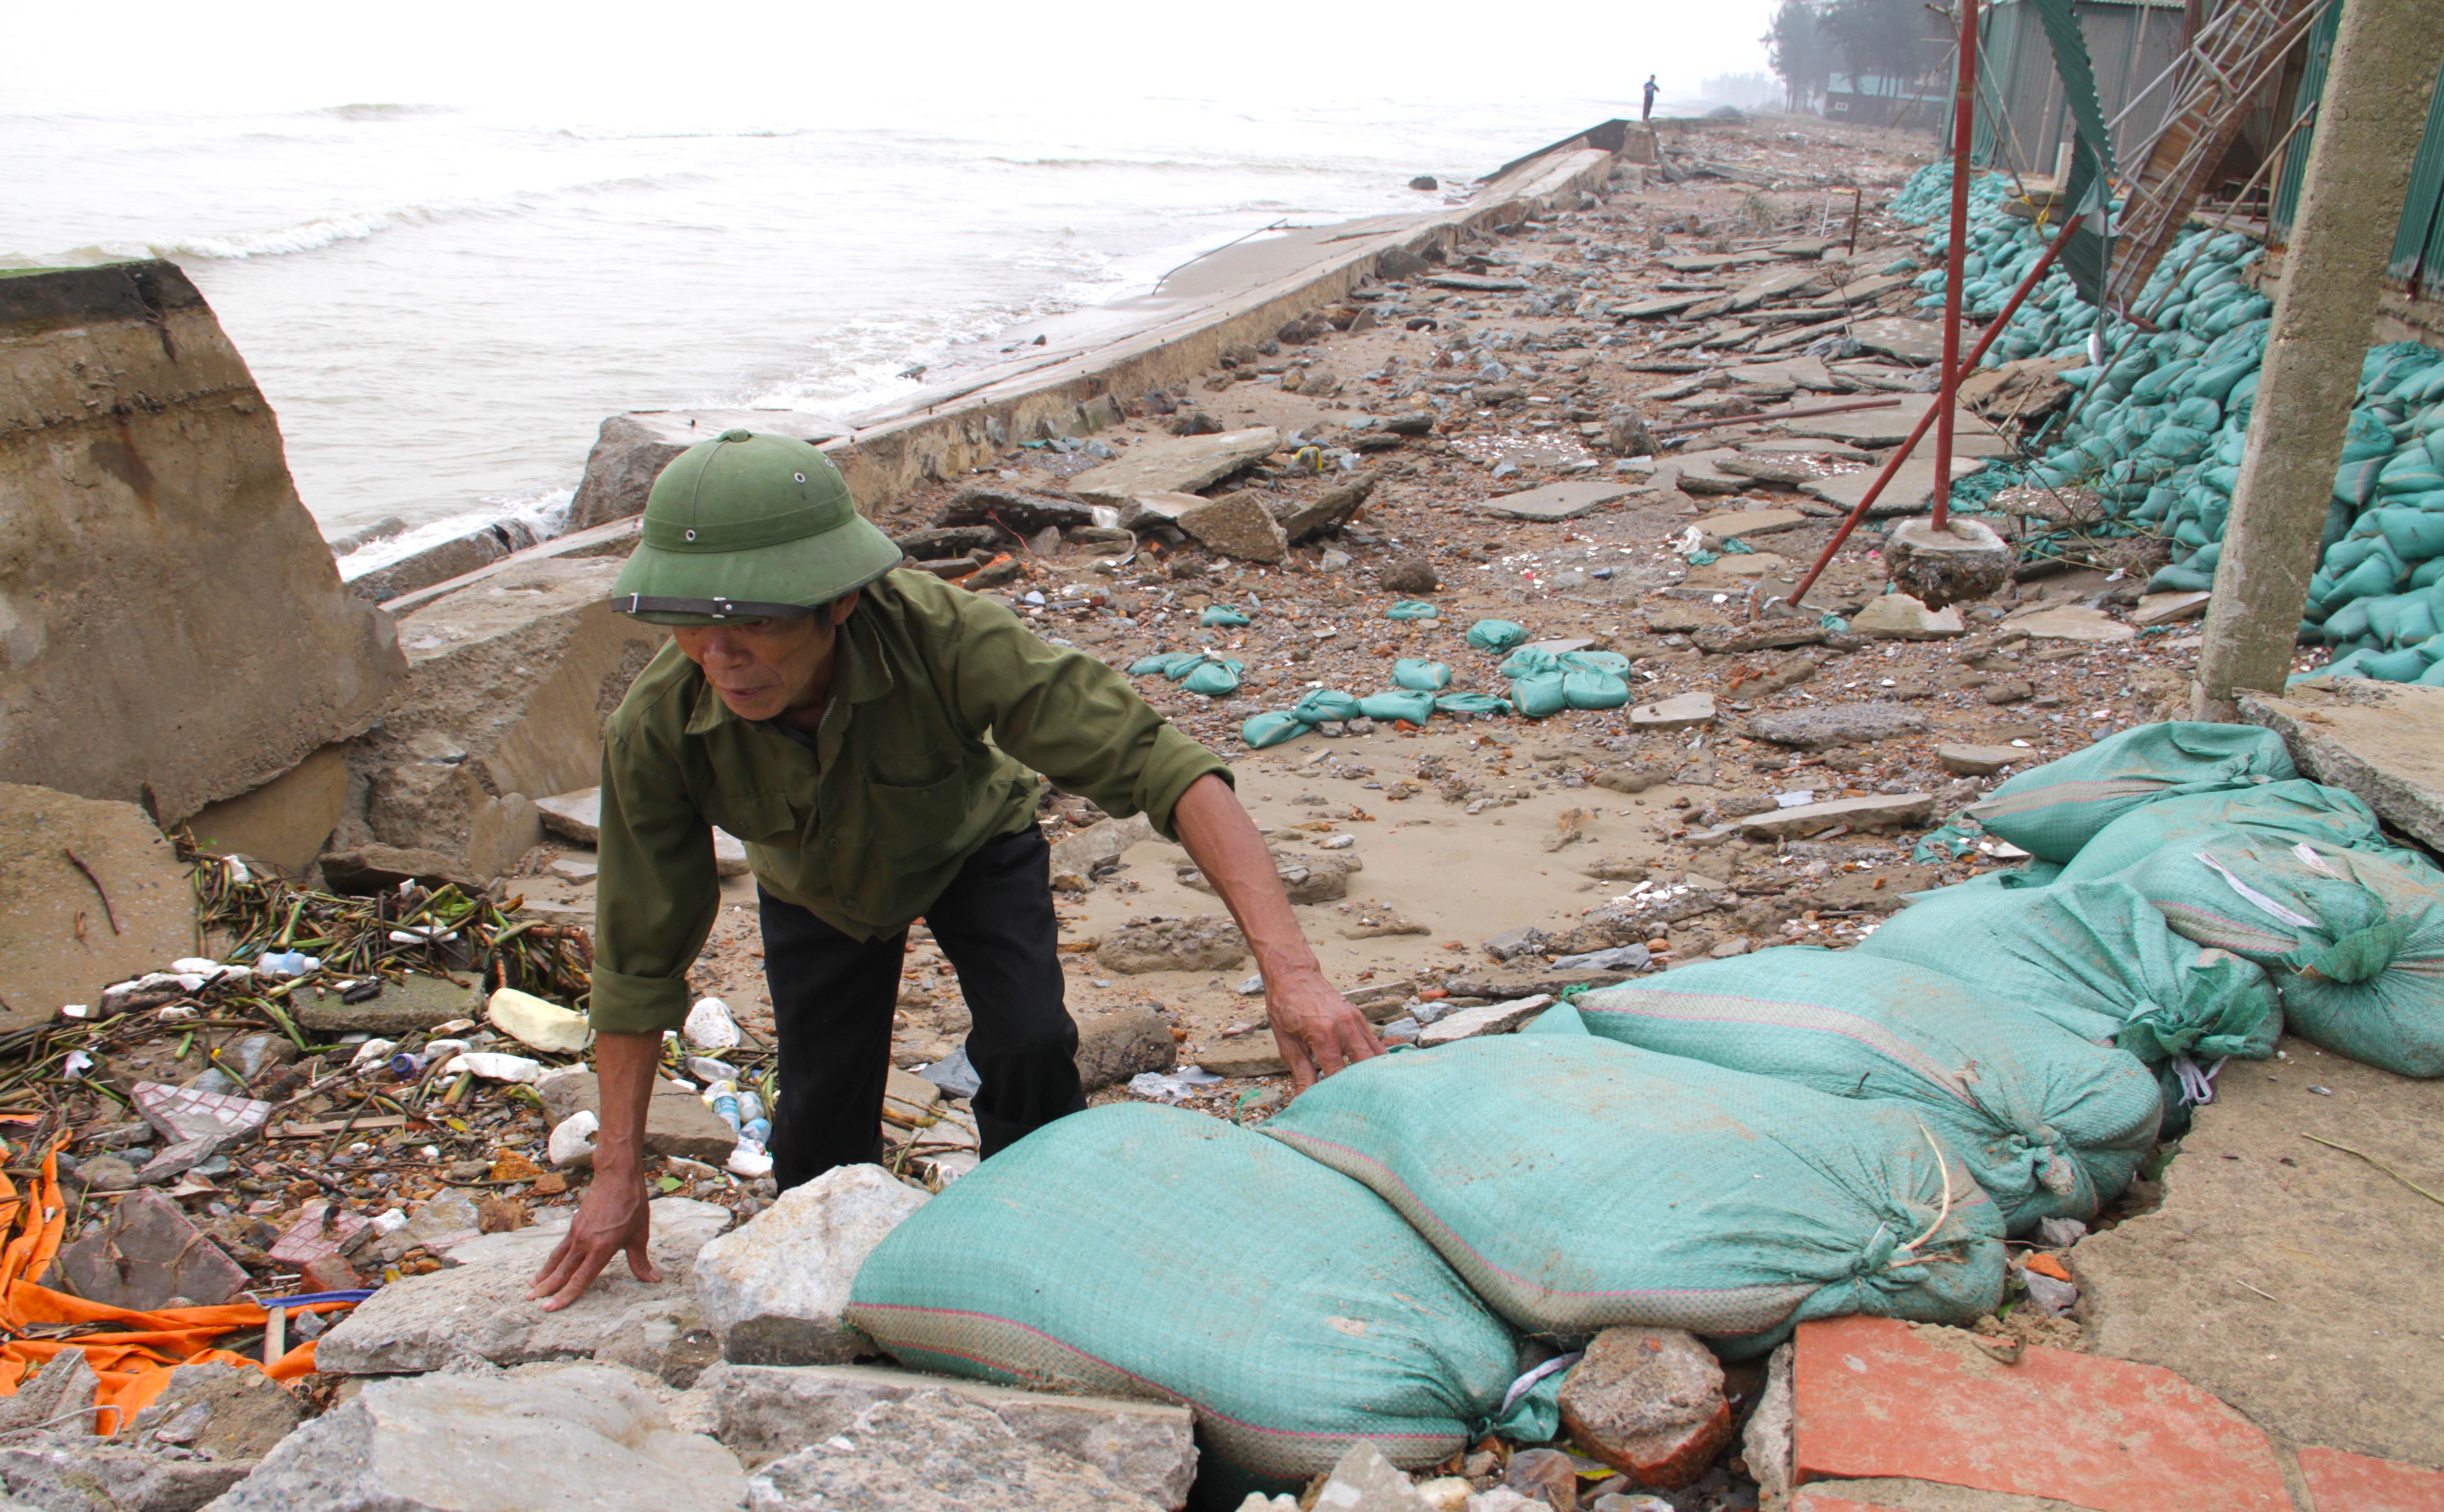 Cận cảnh gần 4km tuyến kè, đê biển Cửa Lò tan hoang sau bão lũ, hàng quán điêu đứng - Ảnh 11.